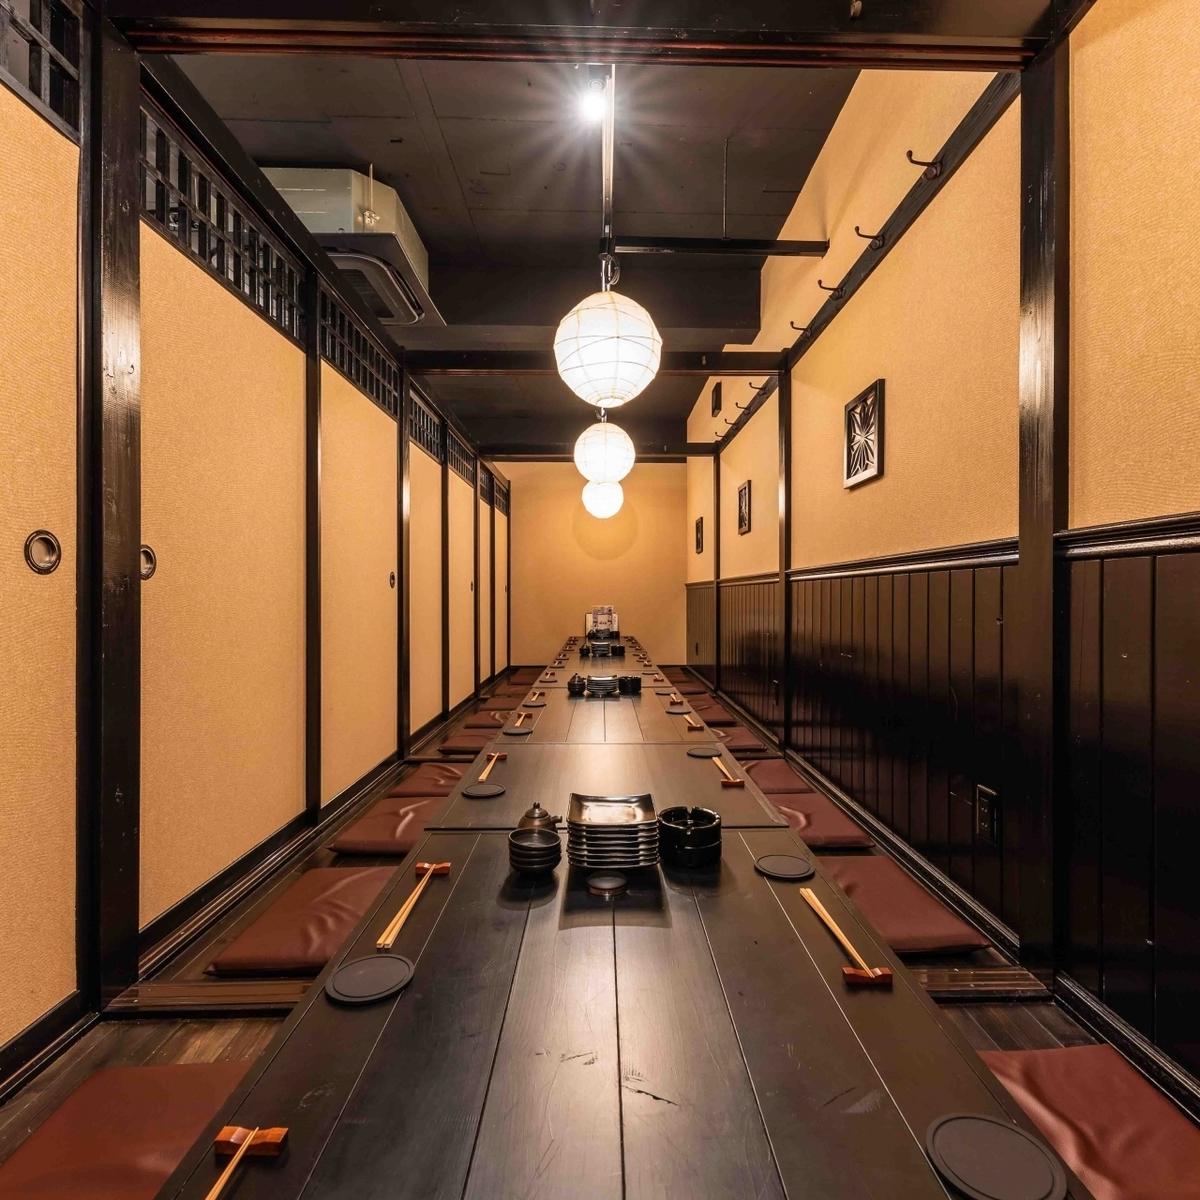 私人房间最多可容纳20人!仅限完善的私人空间!需提前预订!